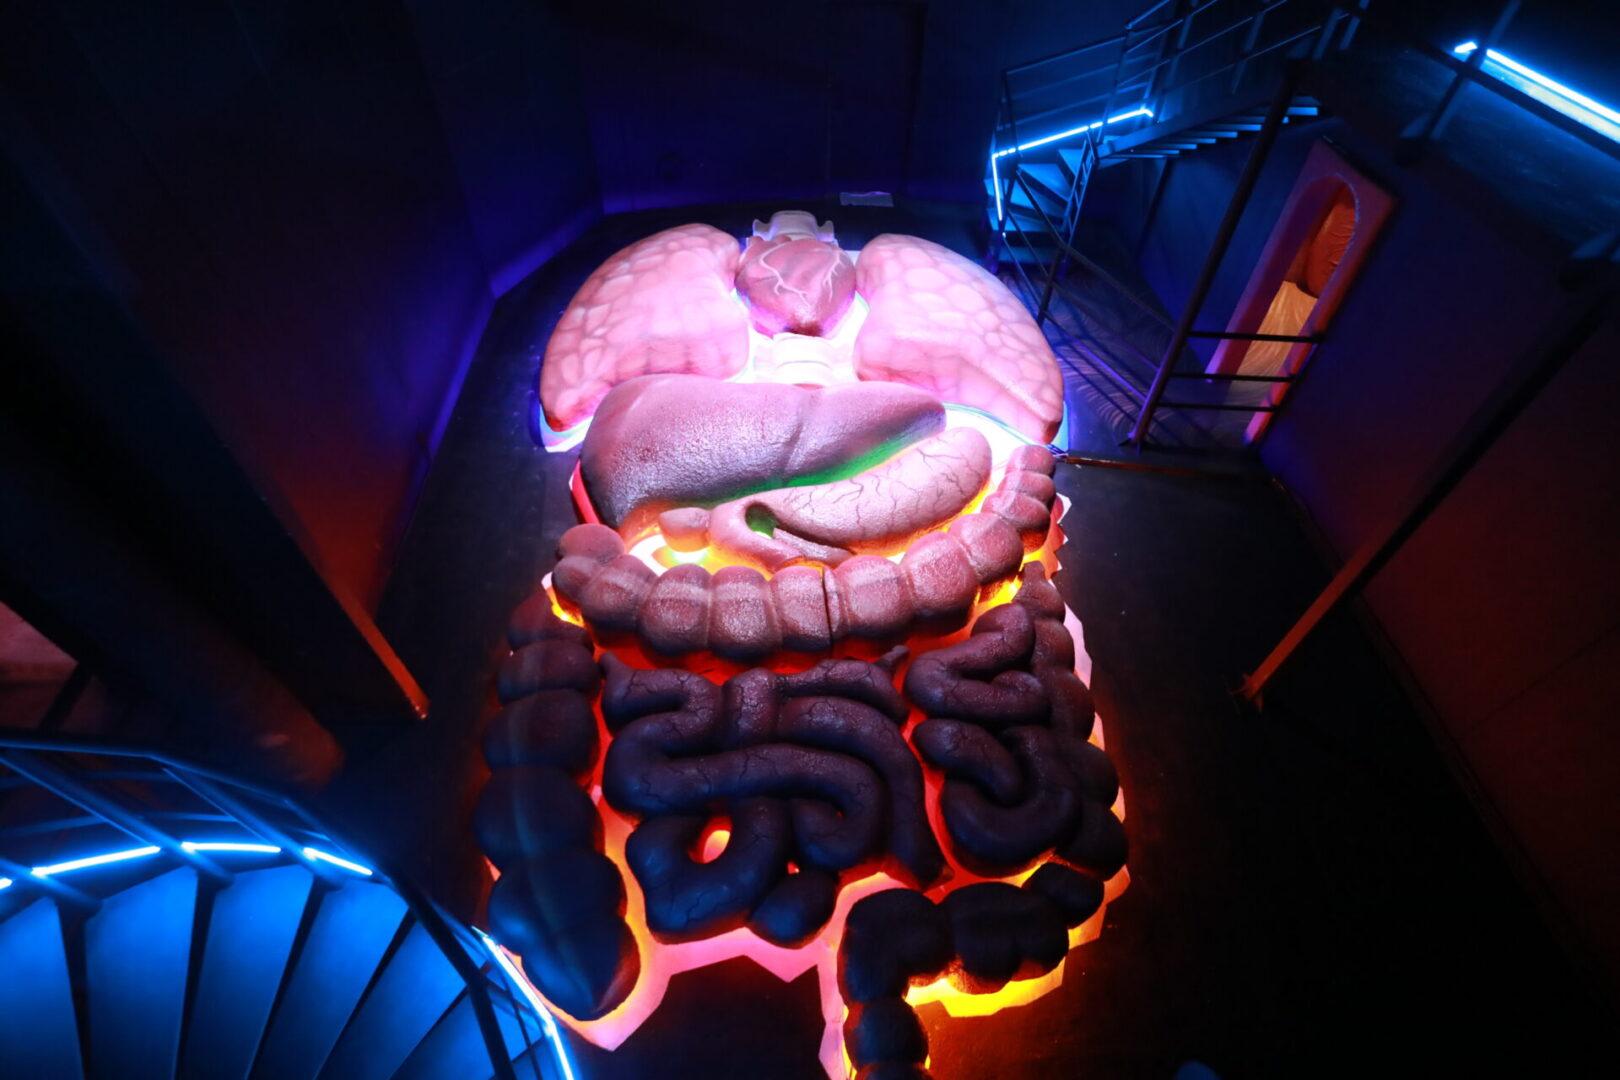 Художественное оформление аттракциона «Внутри человека» в парке развлечений «Galaxy» ораганы